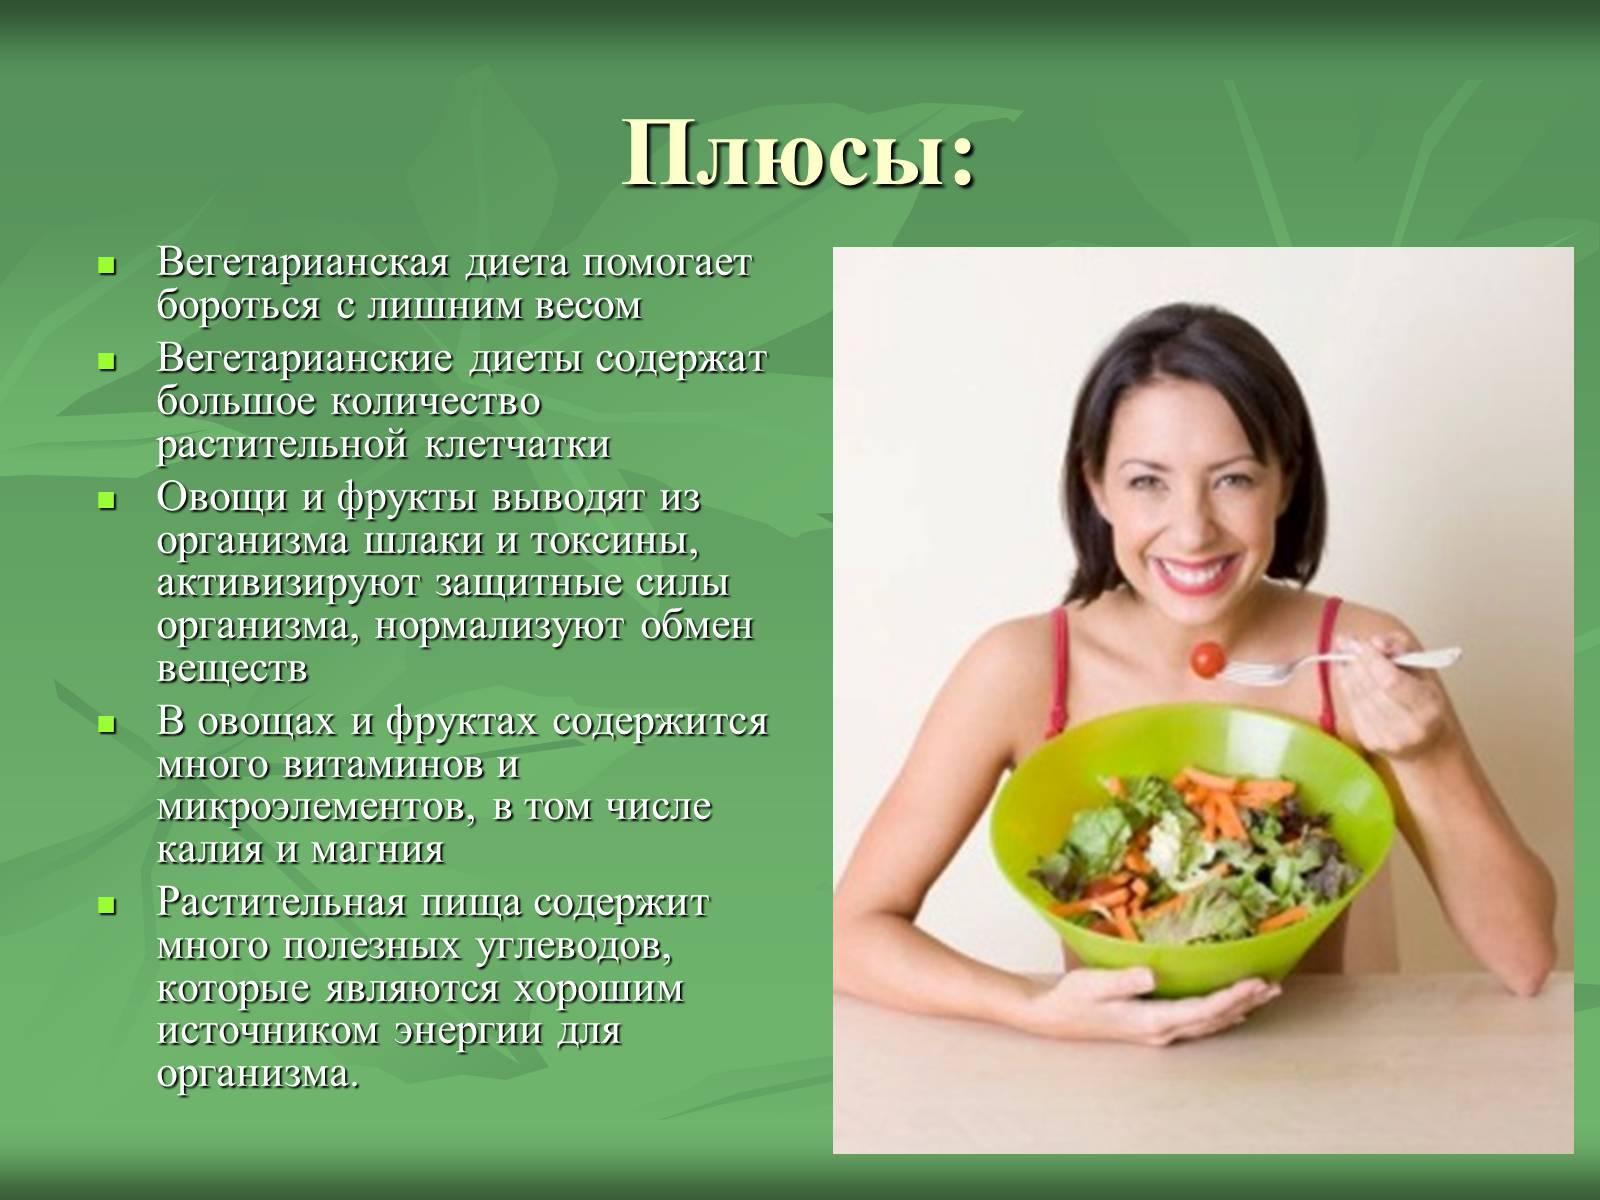 Плюсы и минусы вегетарианства, его польза и вред | волшебная eда.ру